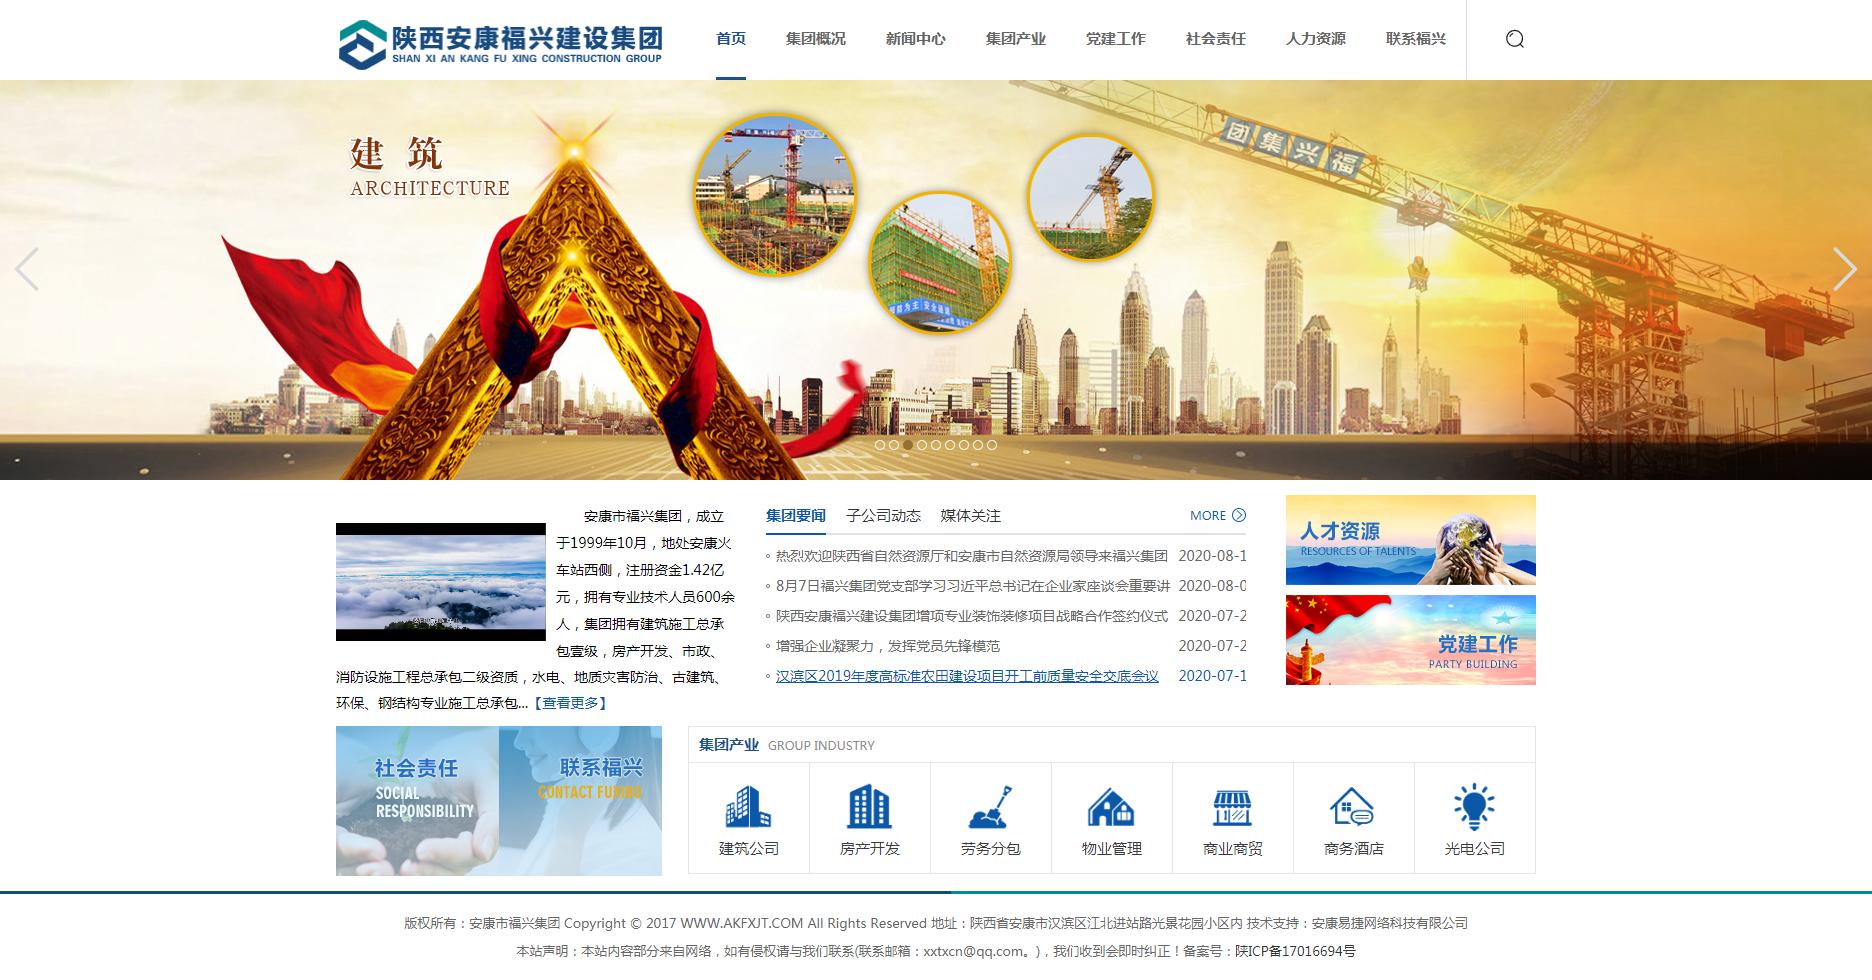 陕西安康福兴建设集团有限公司